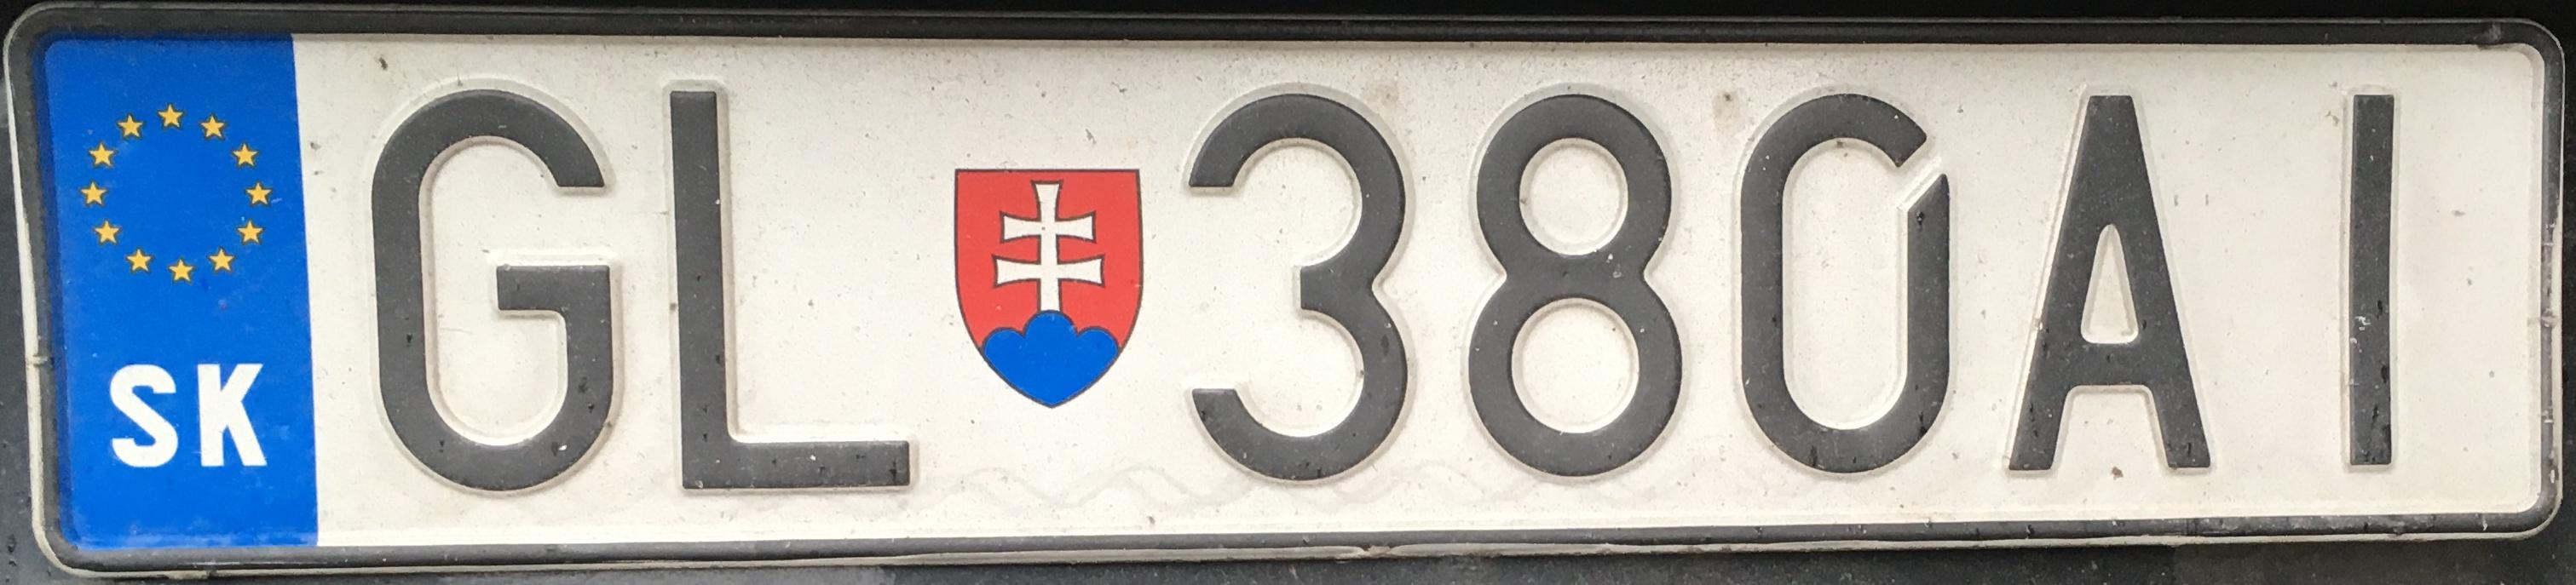 Registrační značka Slovensko - GL - Gelnica, foto: www.podalnici.cz